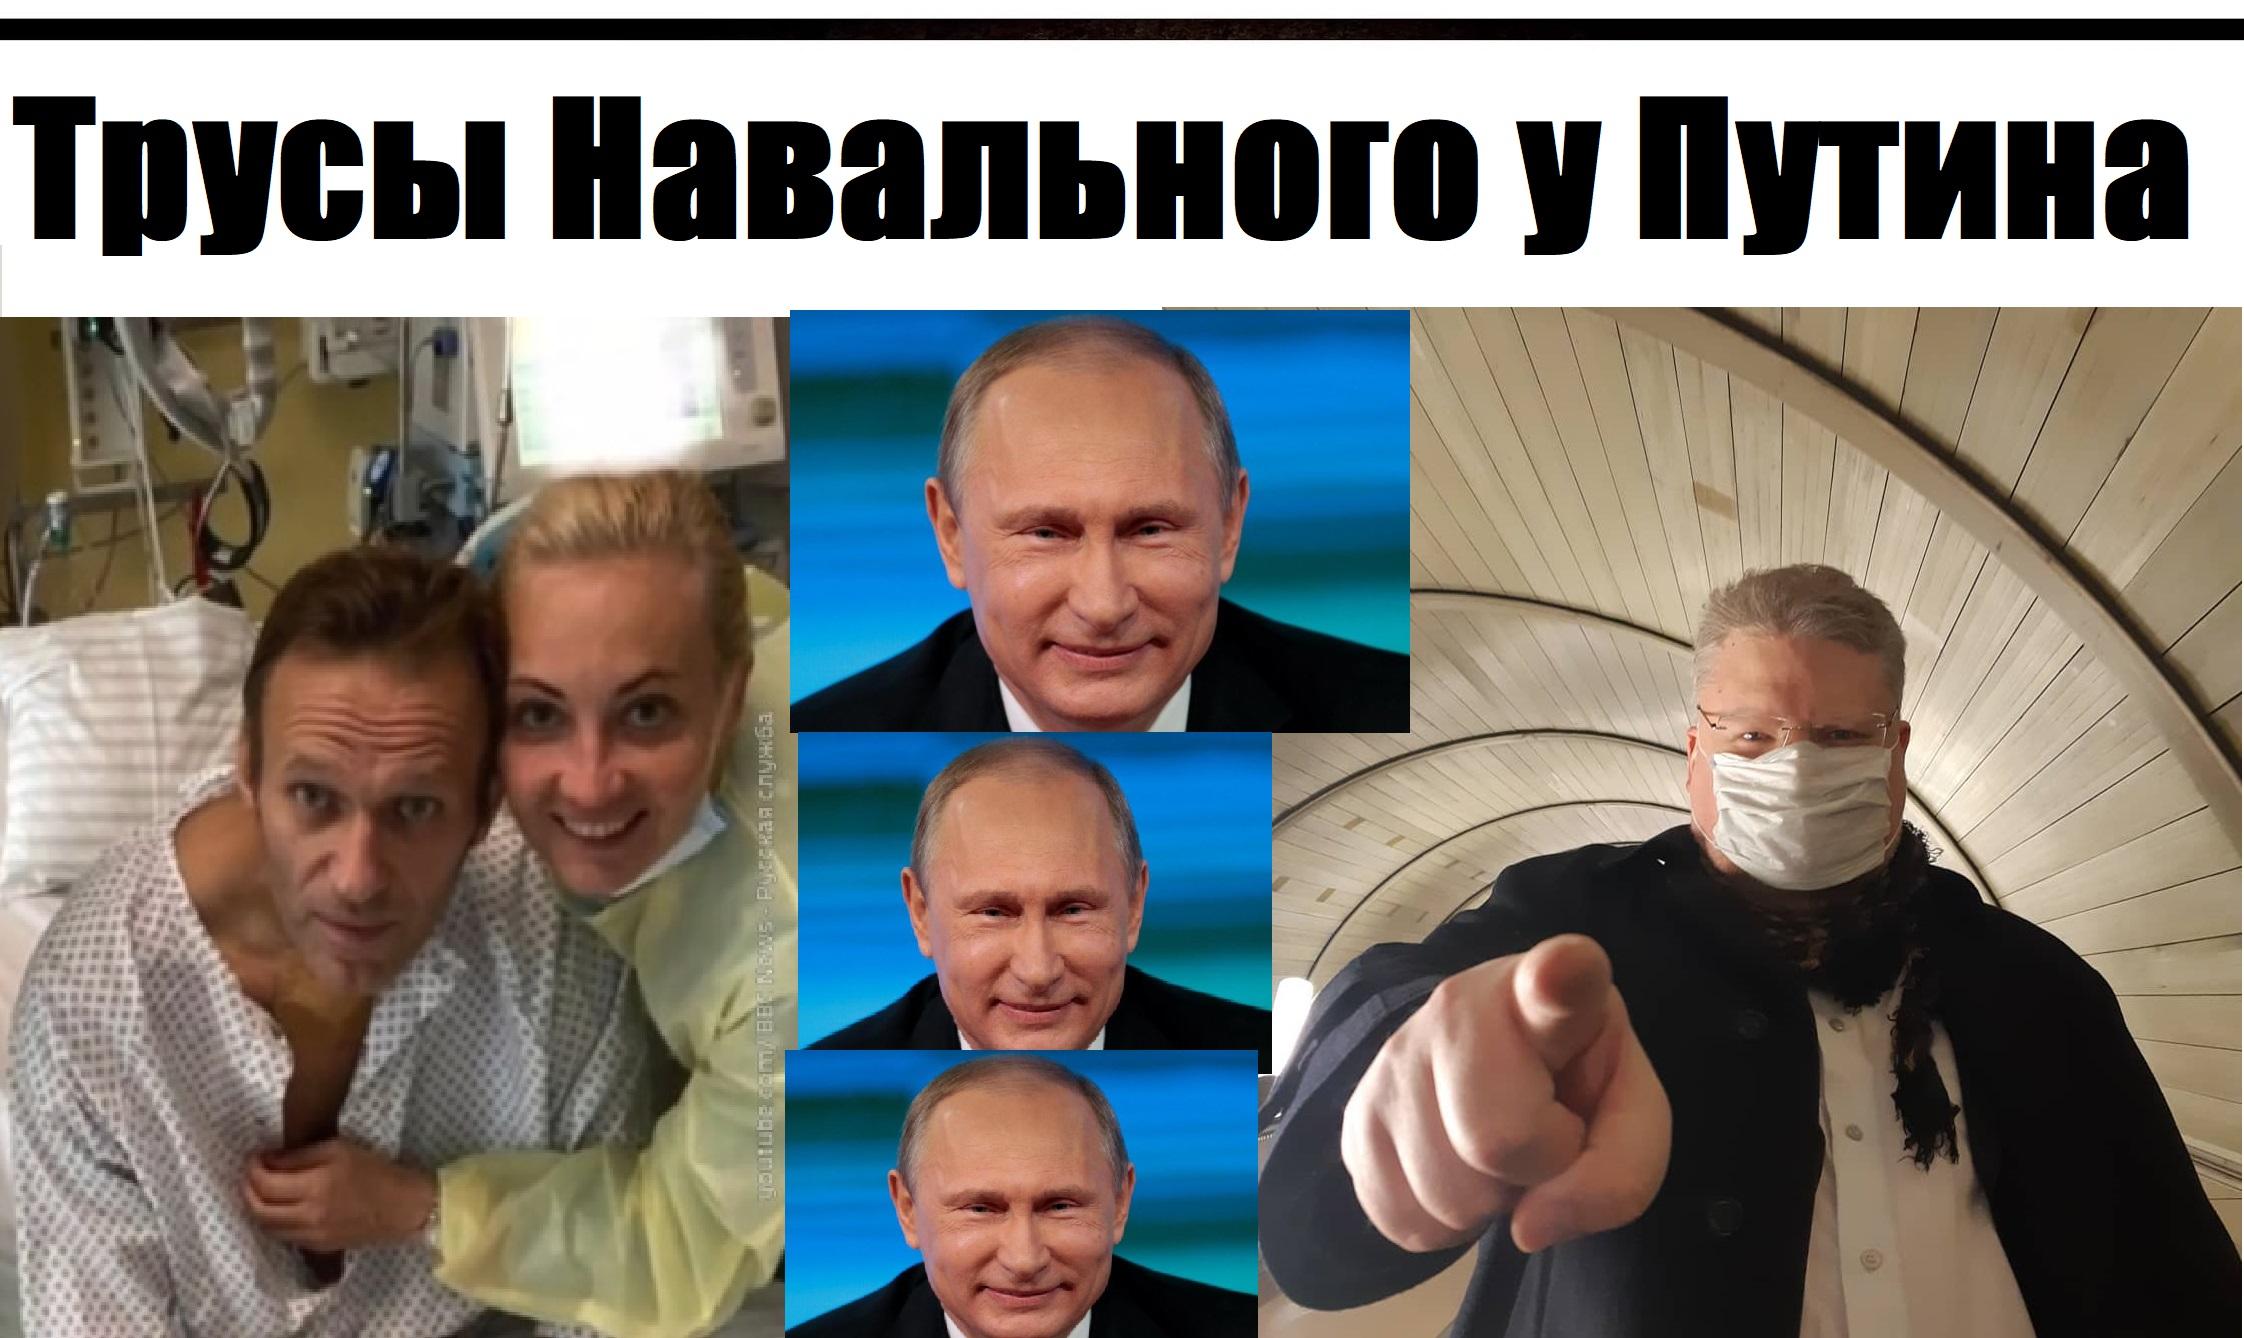 Трусы Навального у Путина